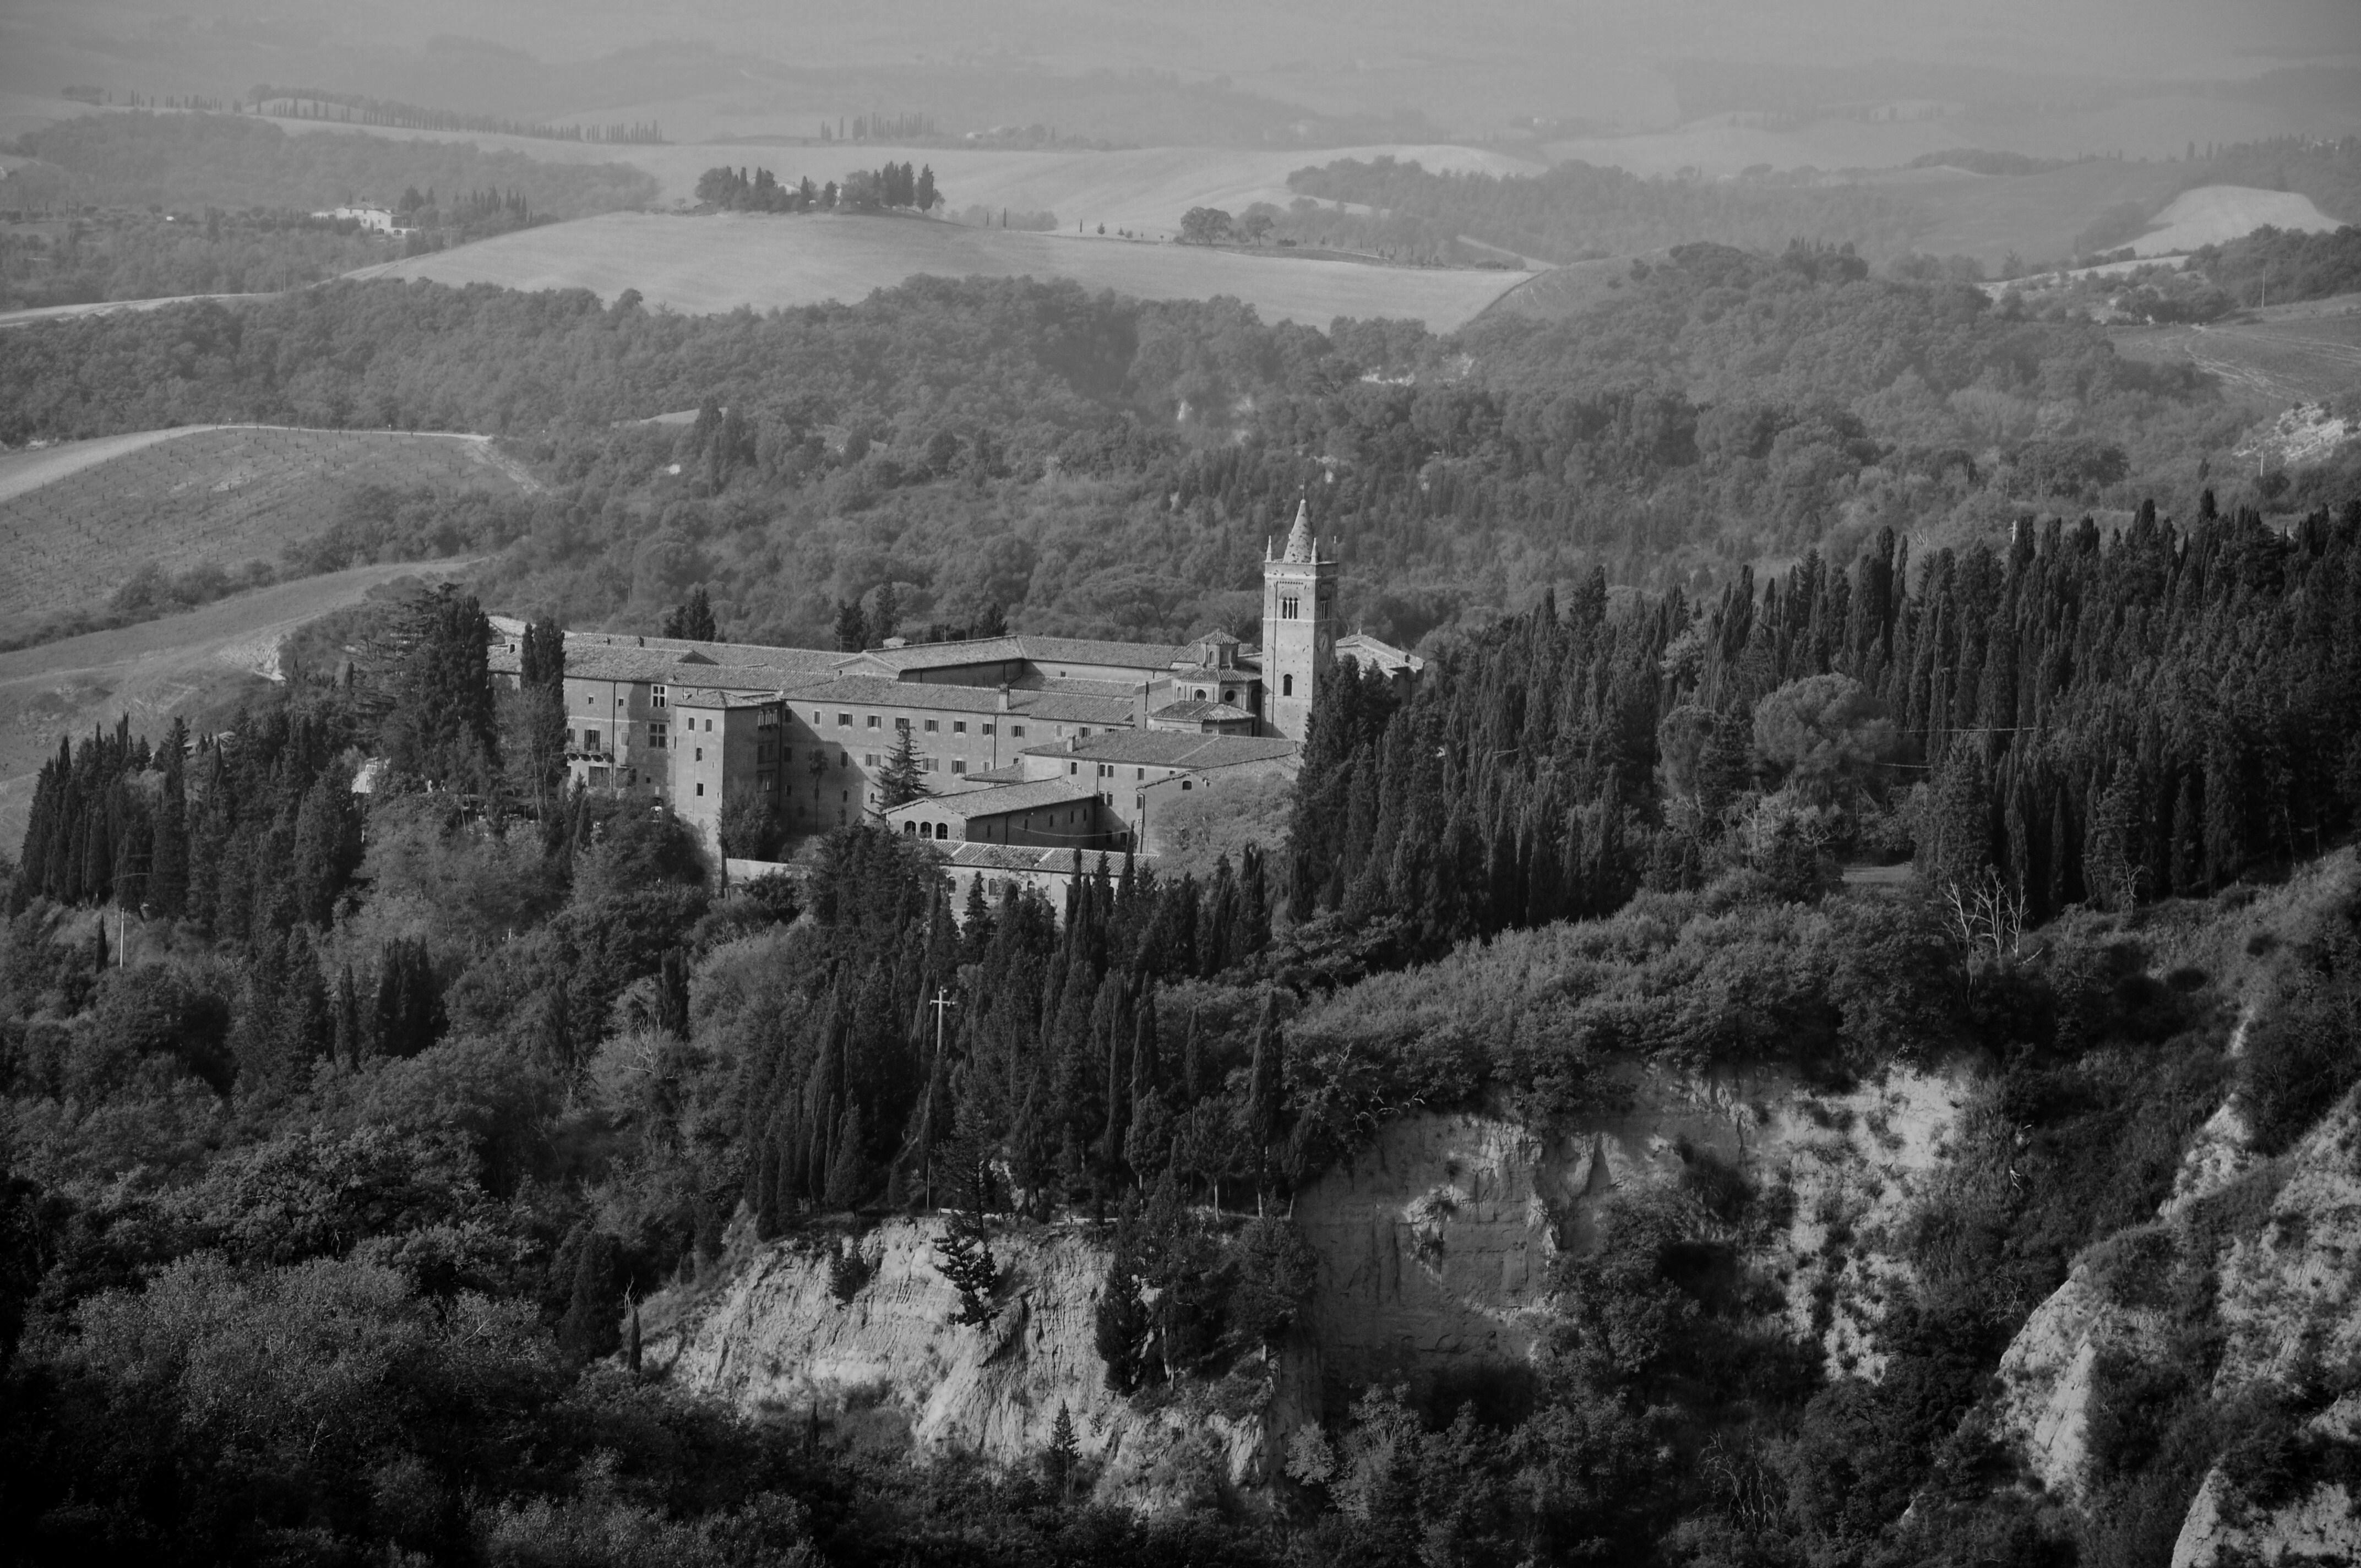 Monteoliveto Maggiore - Asciano (SI) - panoramio.jpg